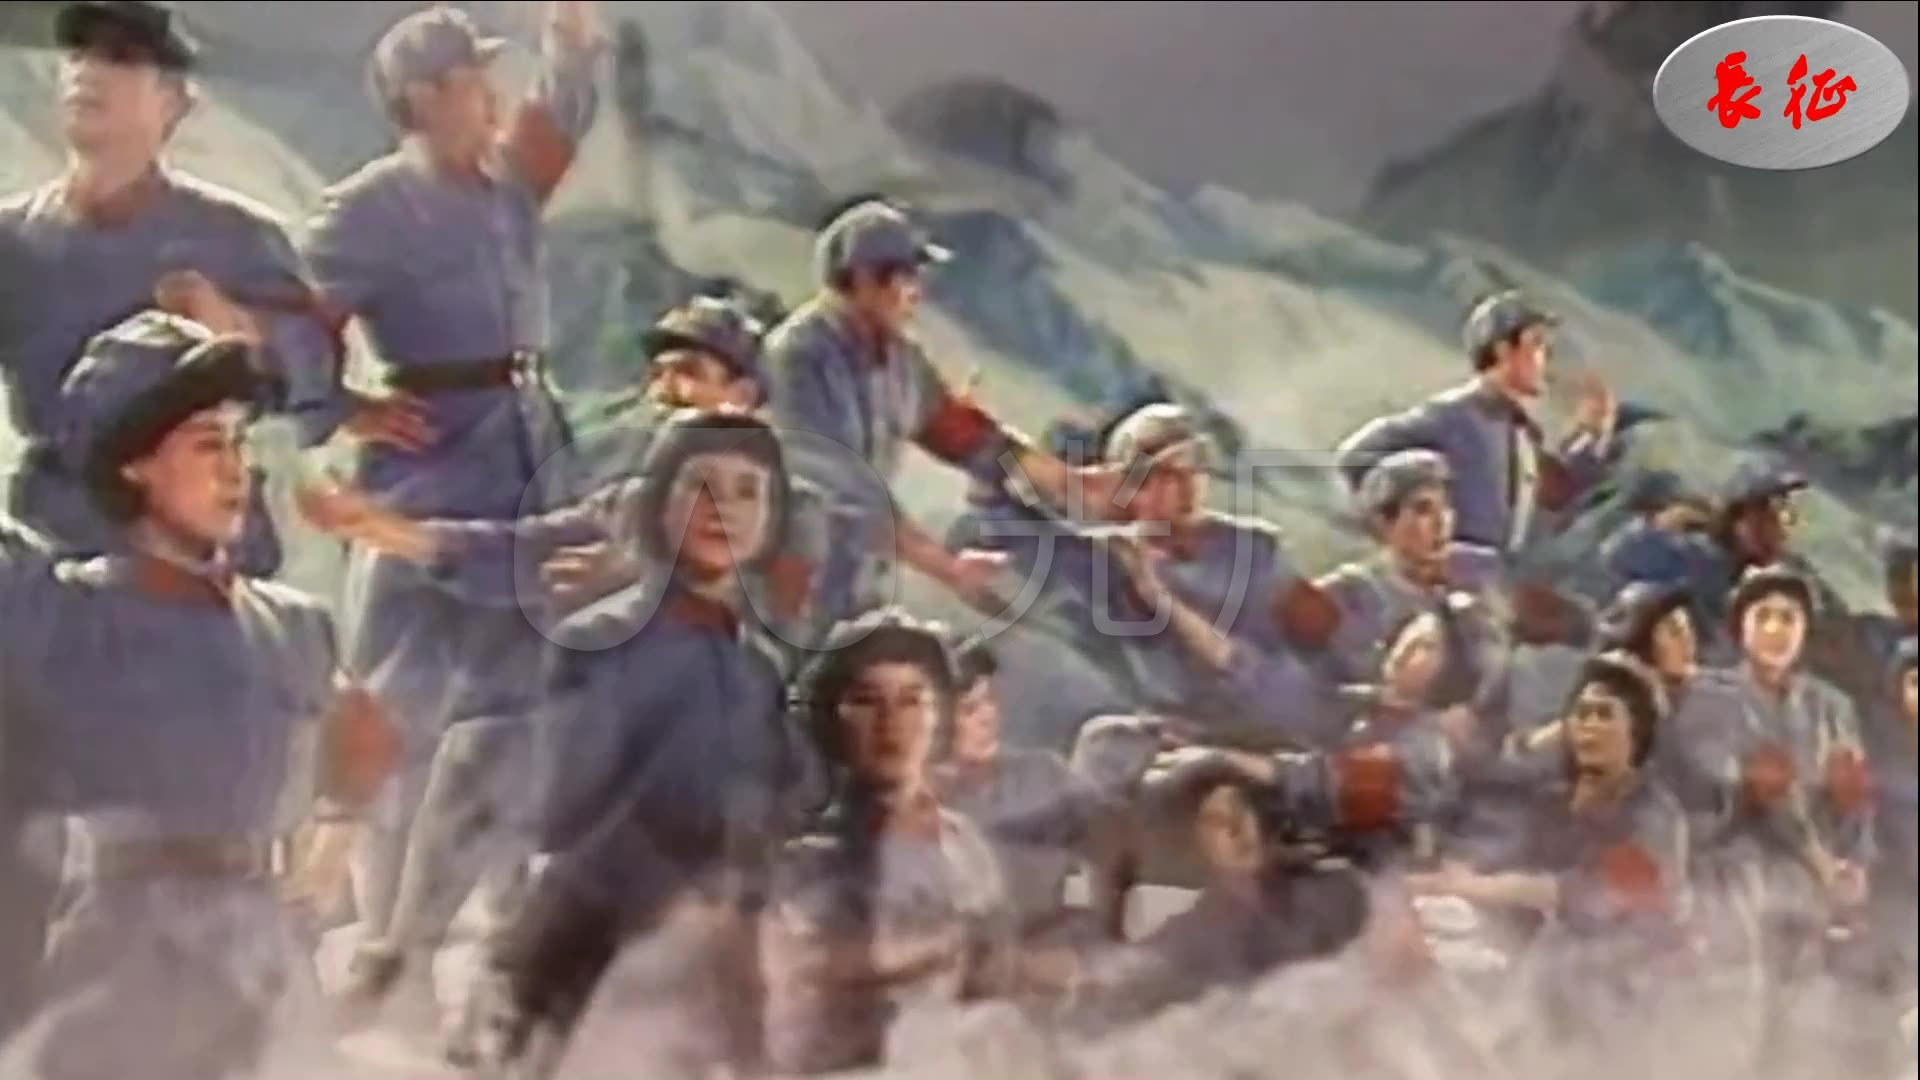 过部分雪山轿车视频_1920X1080_高清歌曲素视频草地敞篷图片